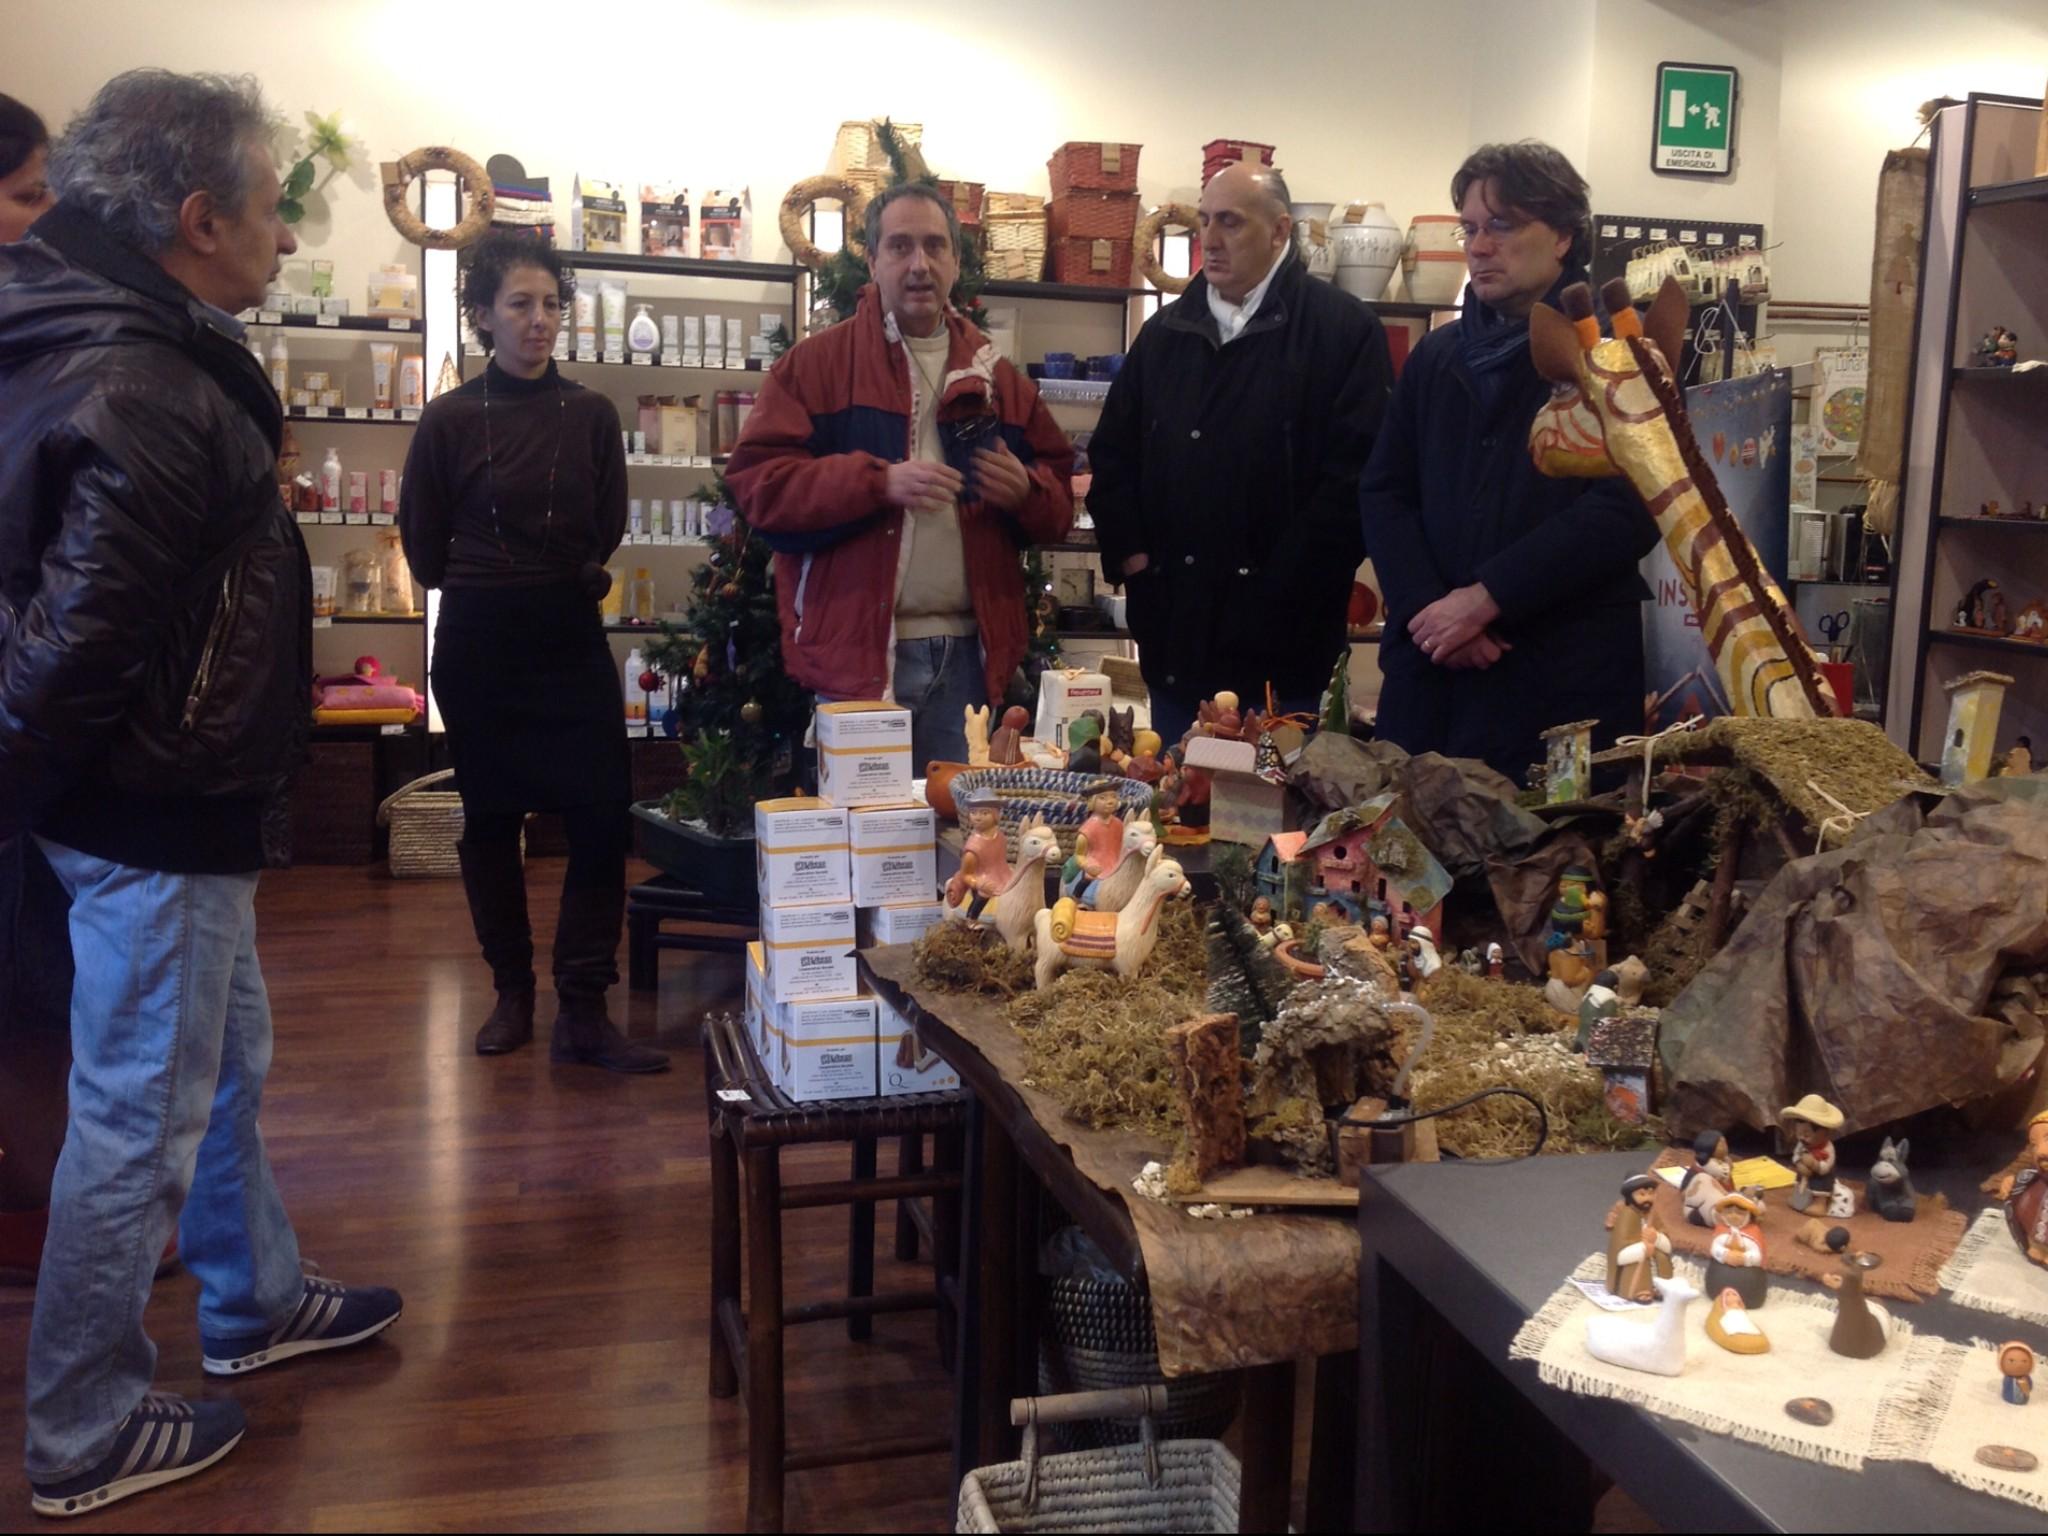 Inaugurata stamattina la mostra dei presepi artigianali equo e solidali